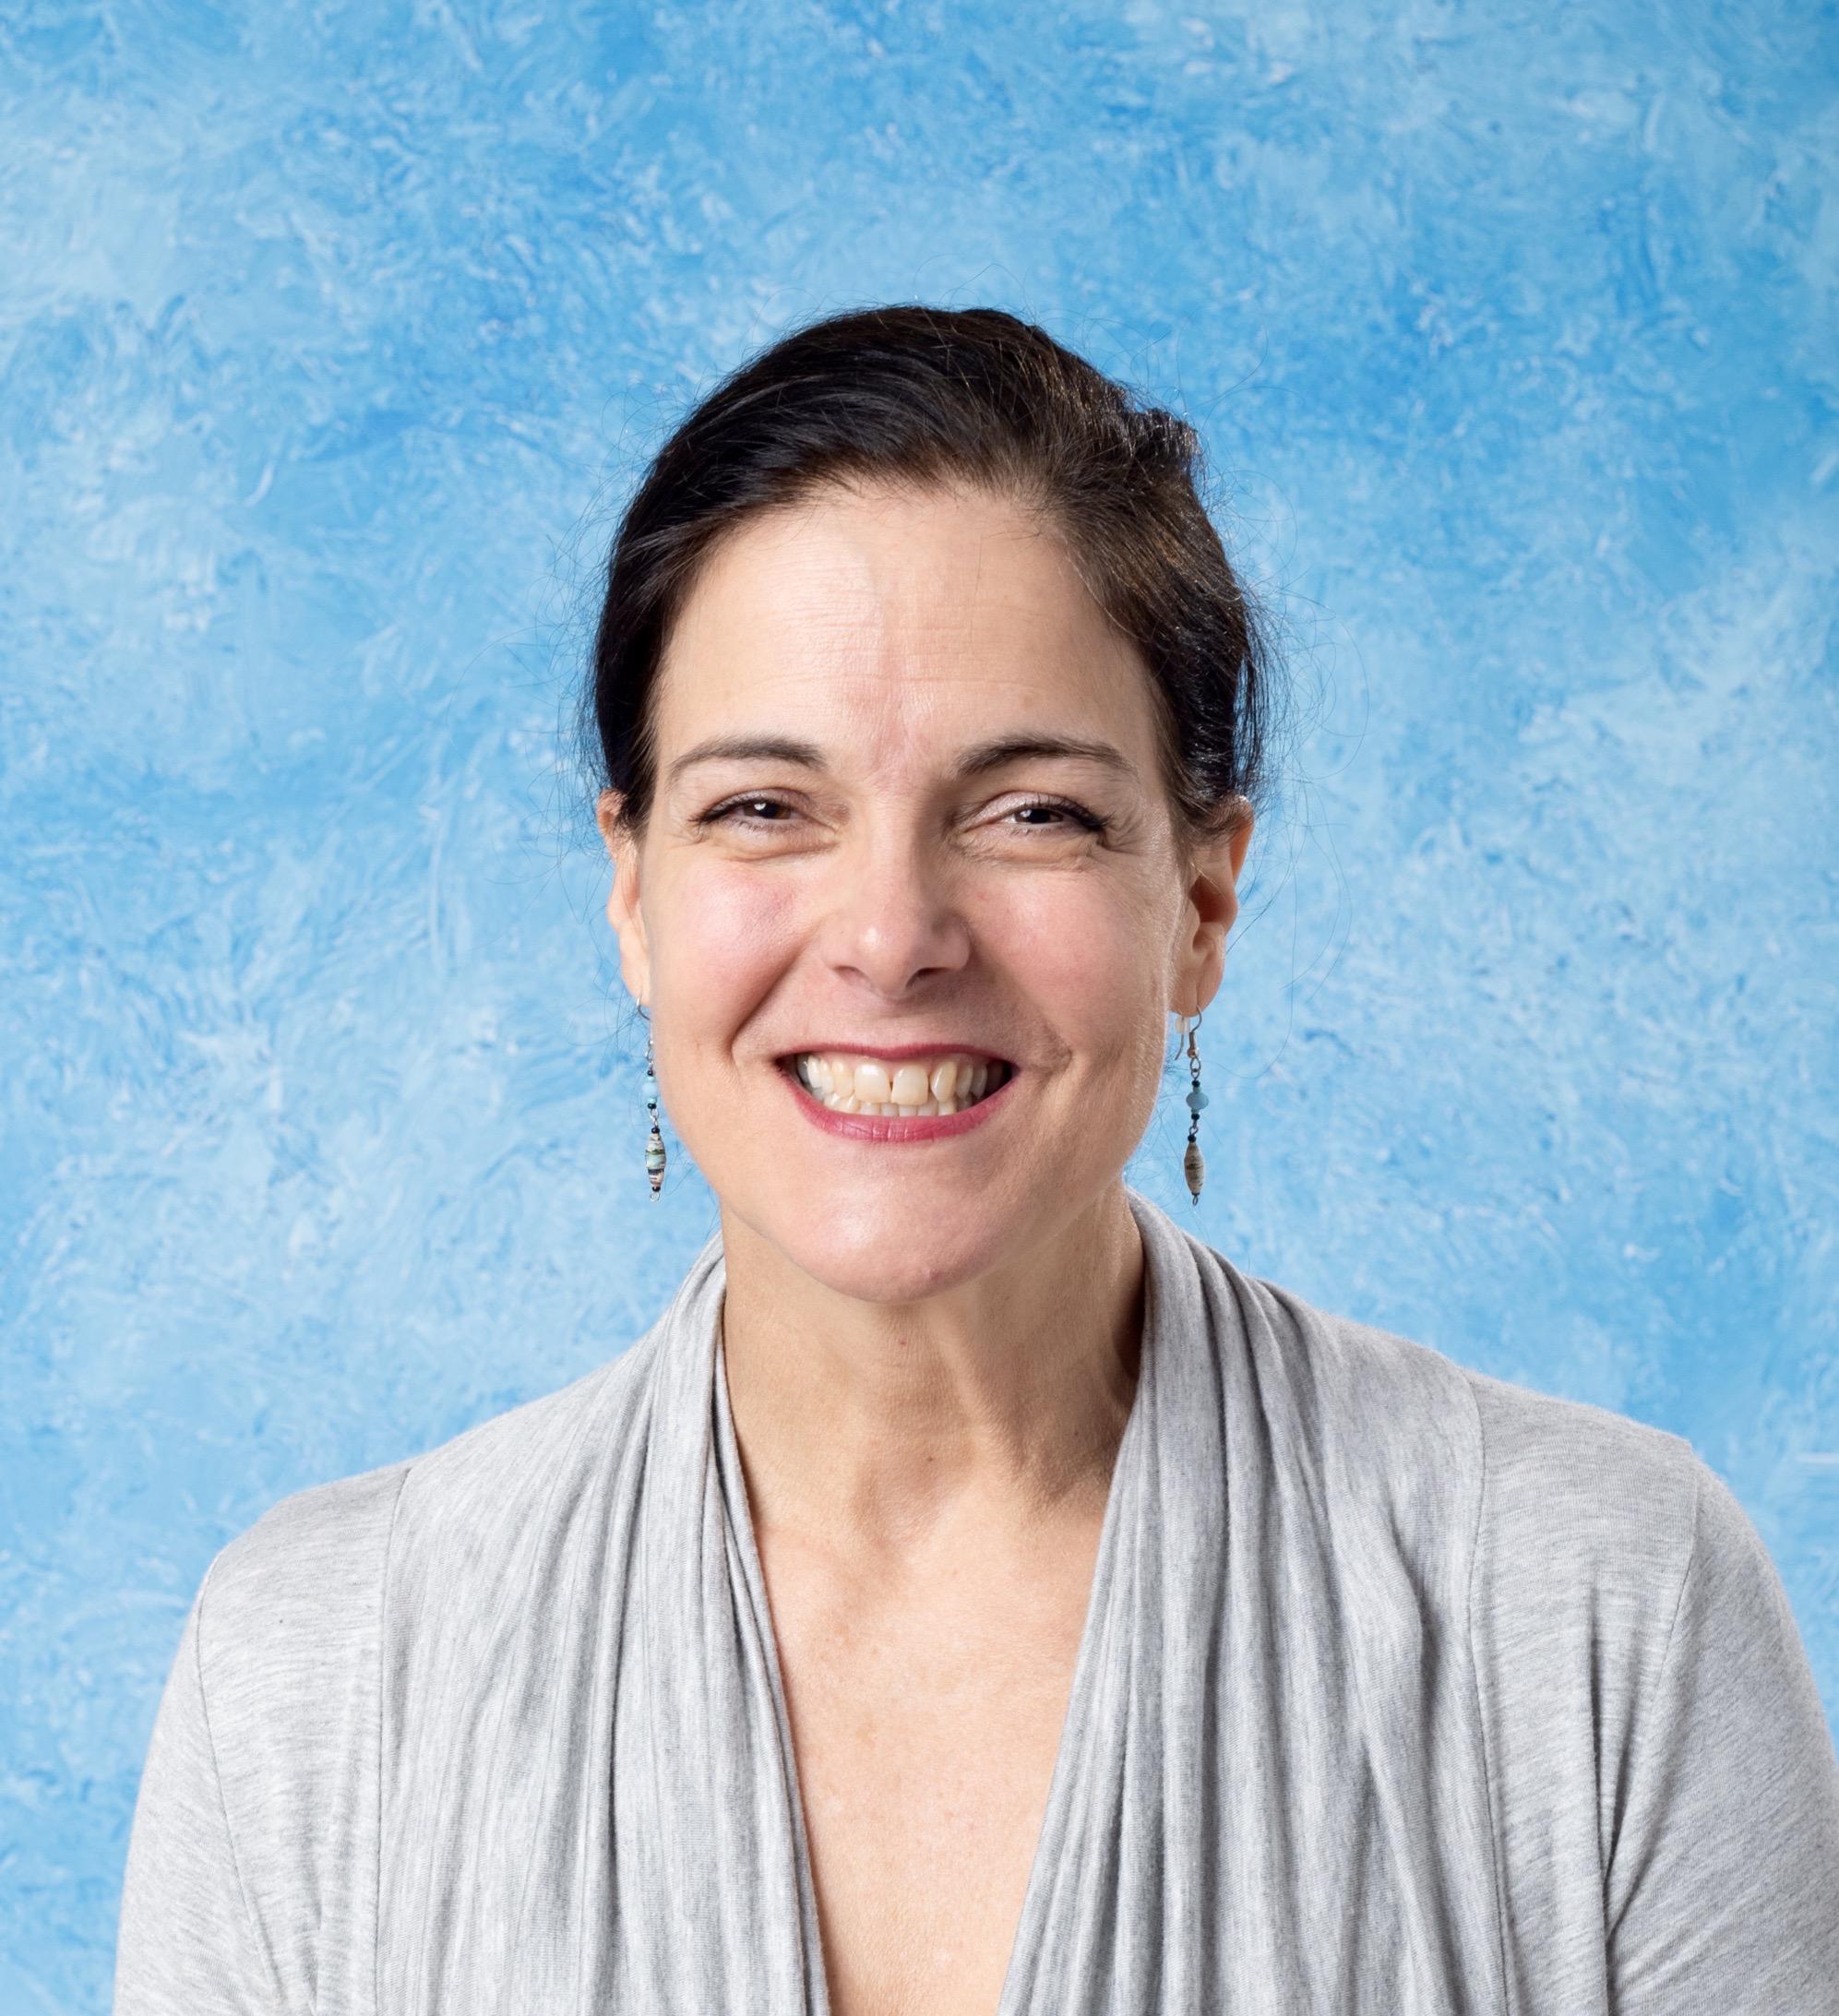 Karen Speich